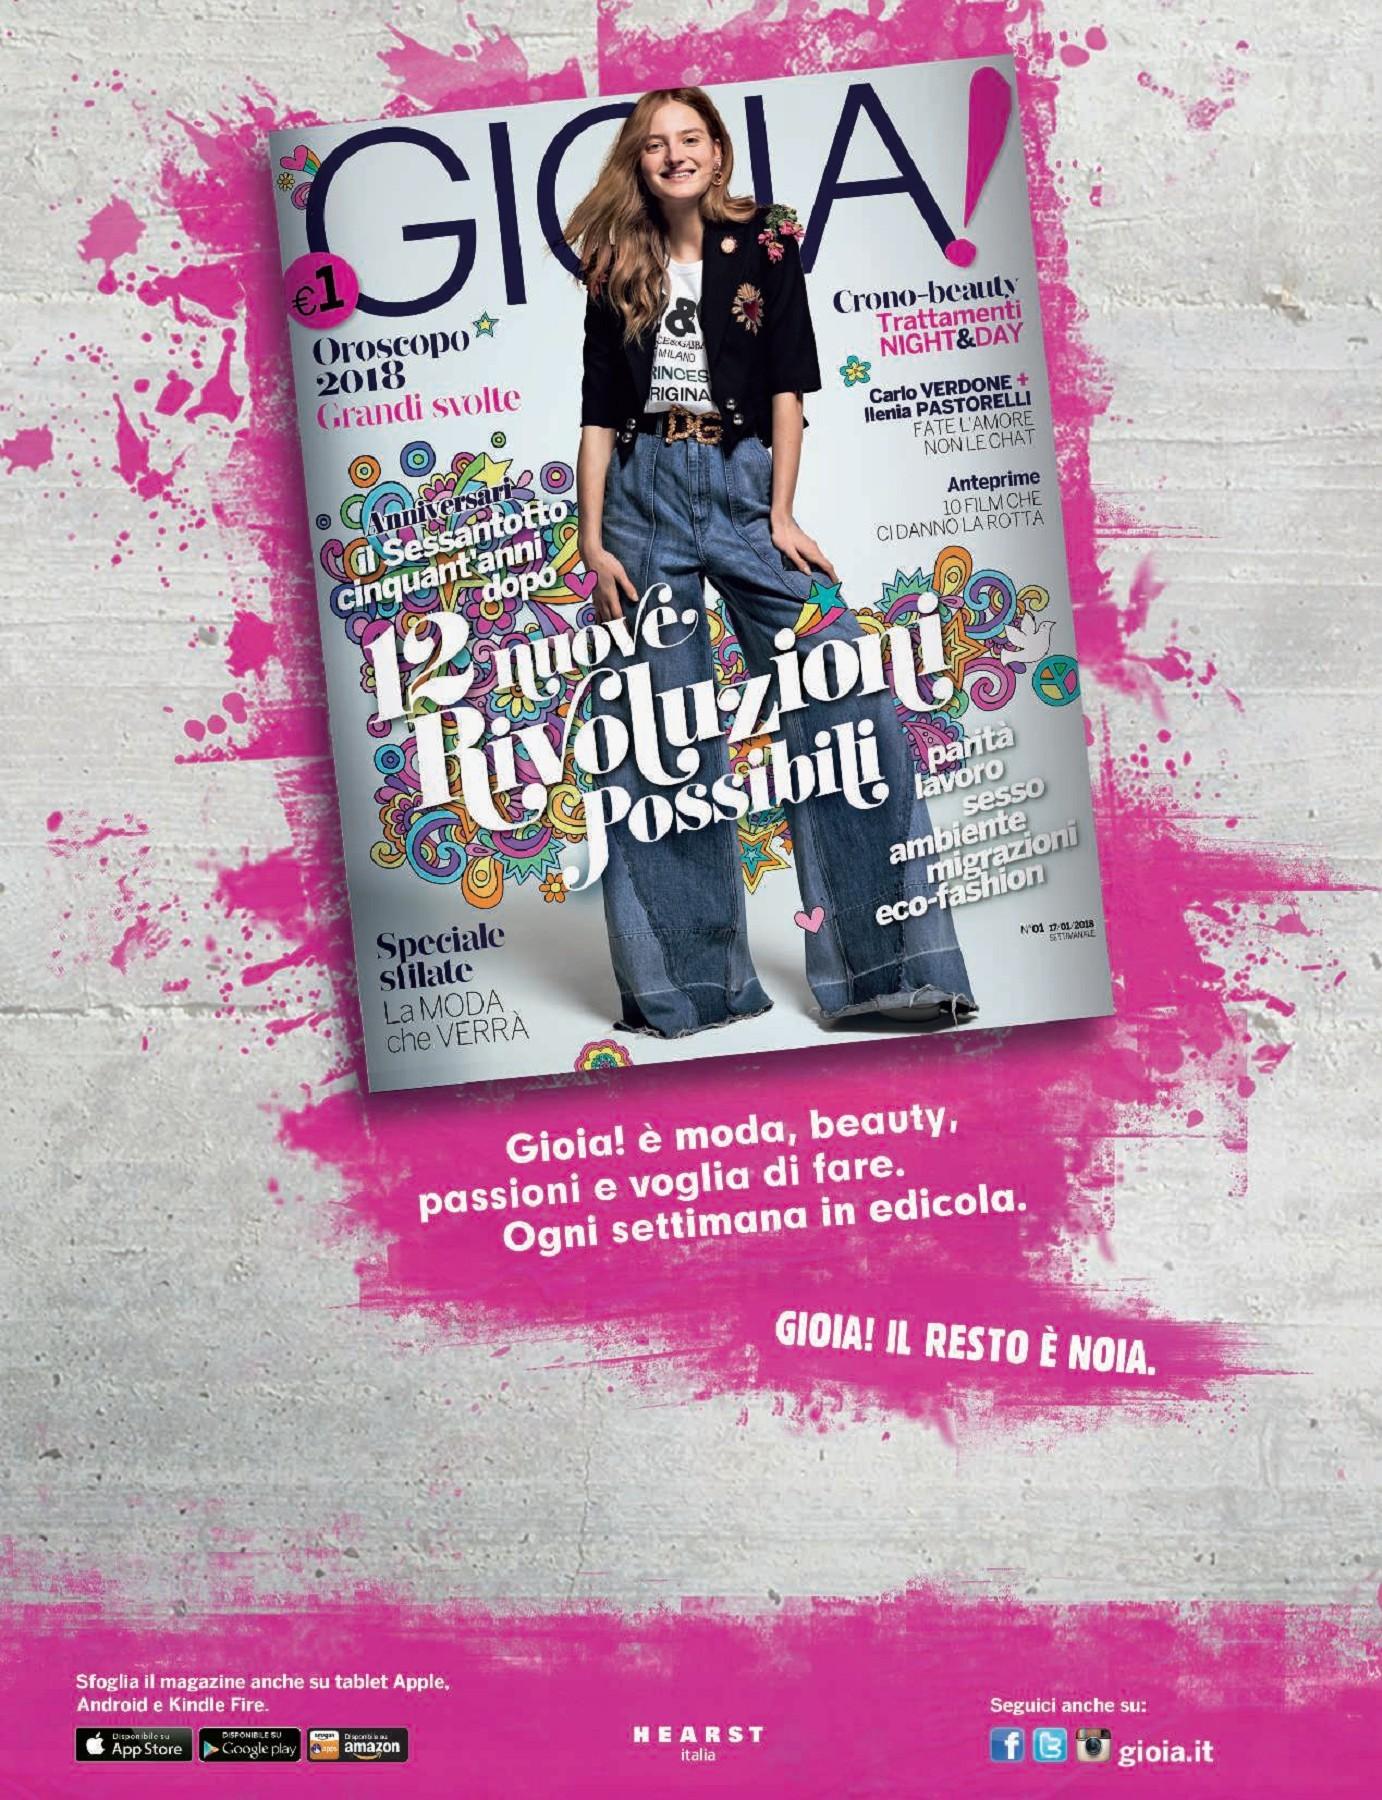 Ametista Dove Trovarla cosmopolitan italia_feb 2018-flip book pages 101-148 | pubhtml5